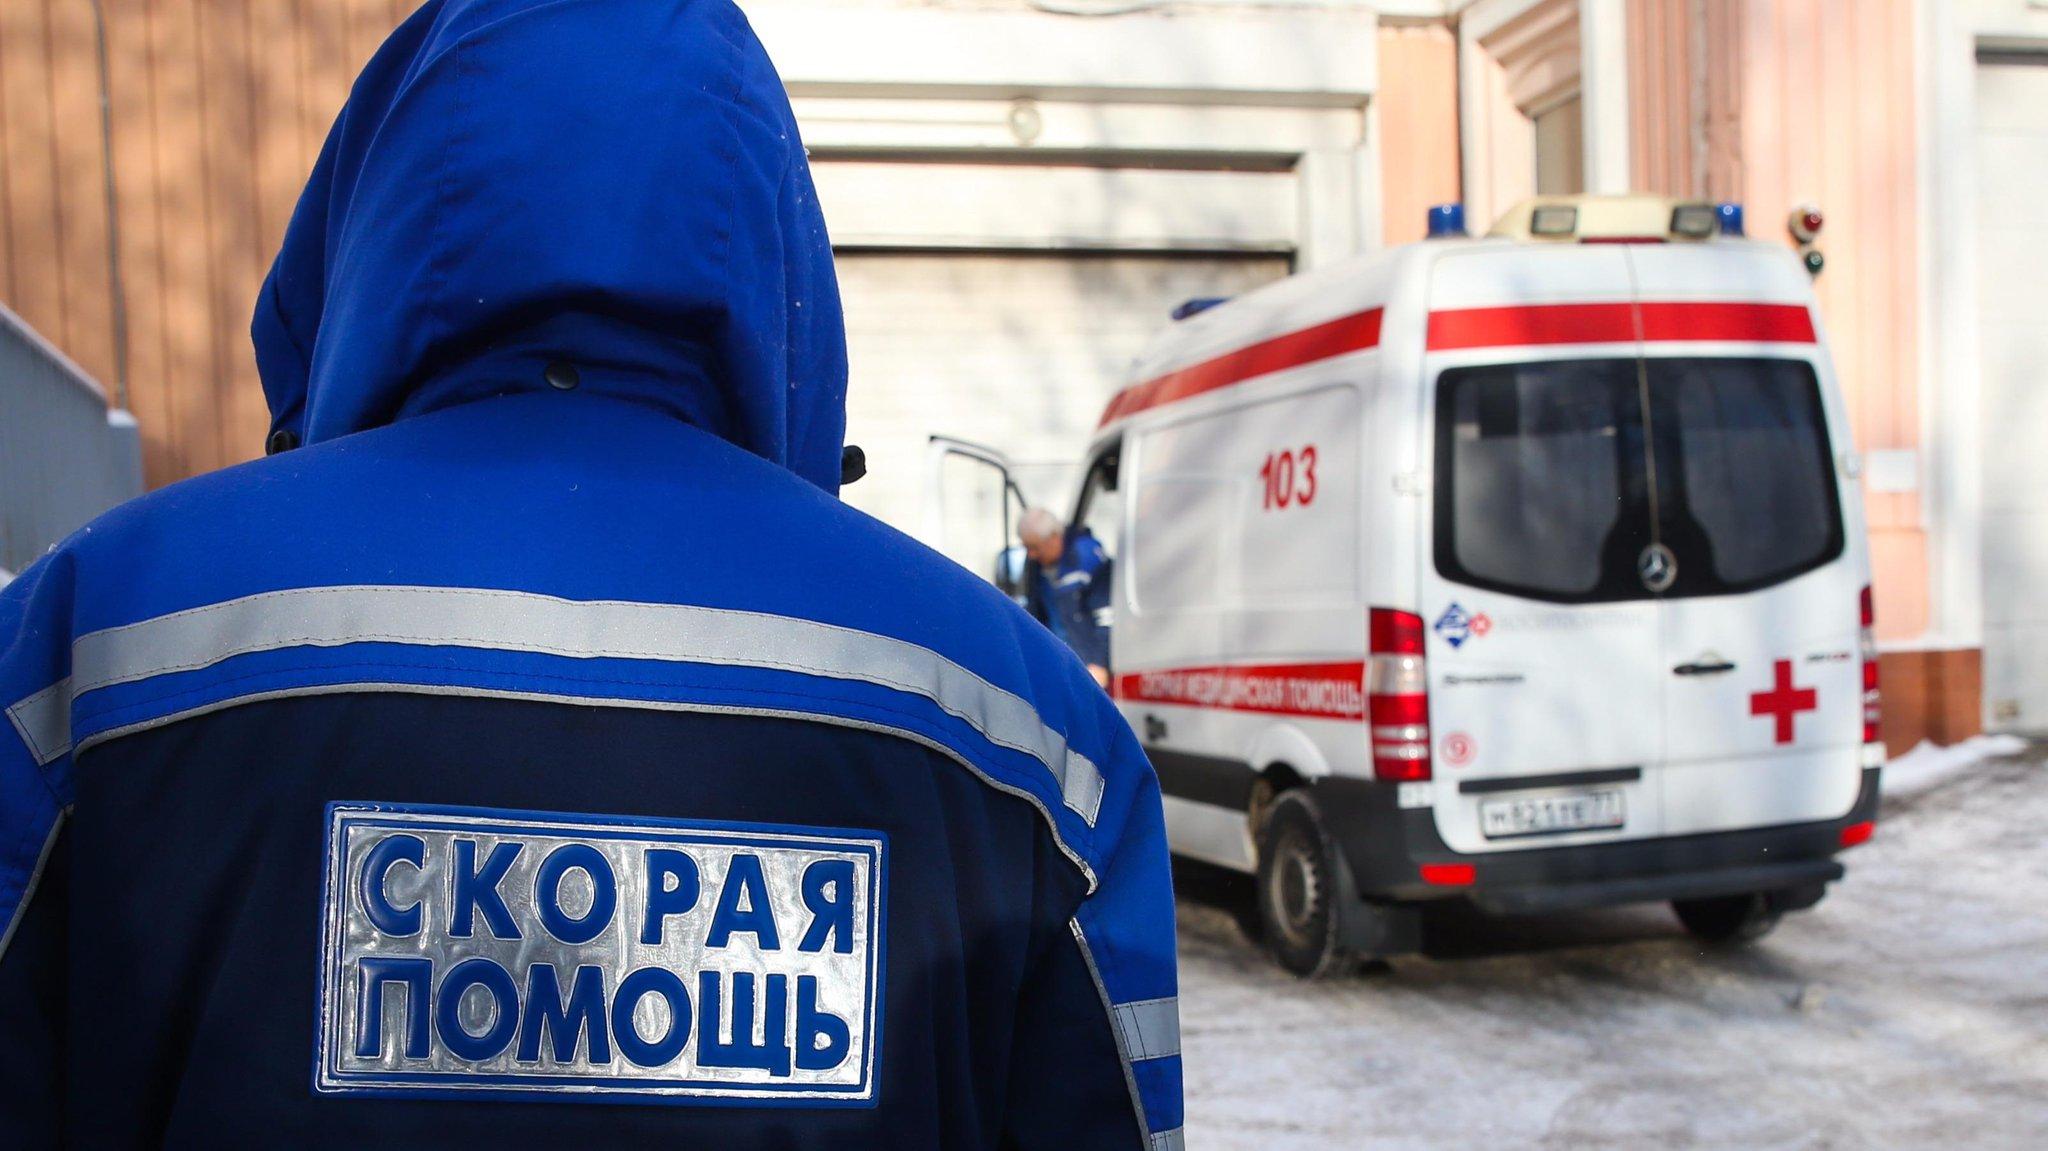 «Мы приезжаем спасать, а не защищаться»: Главврач просит усилить наказание за нападение на медиков